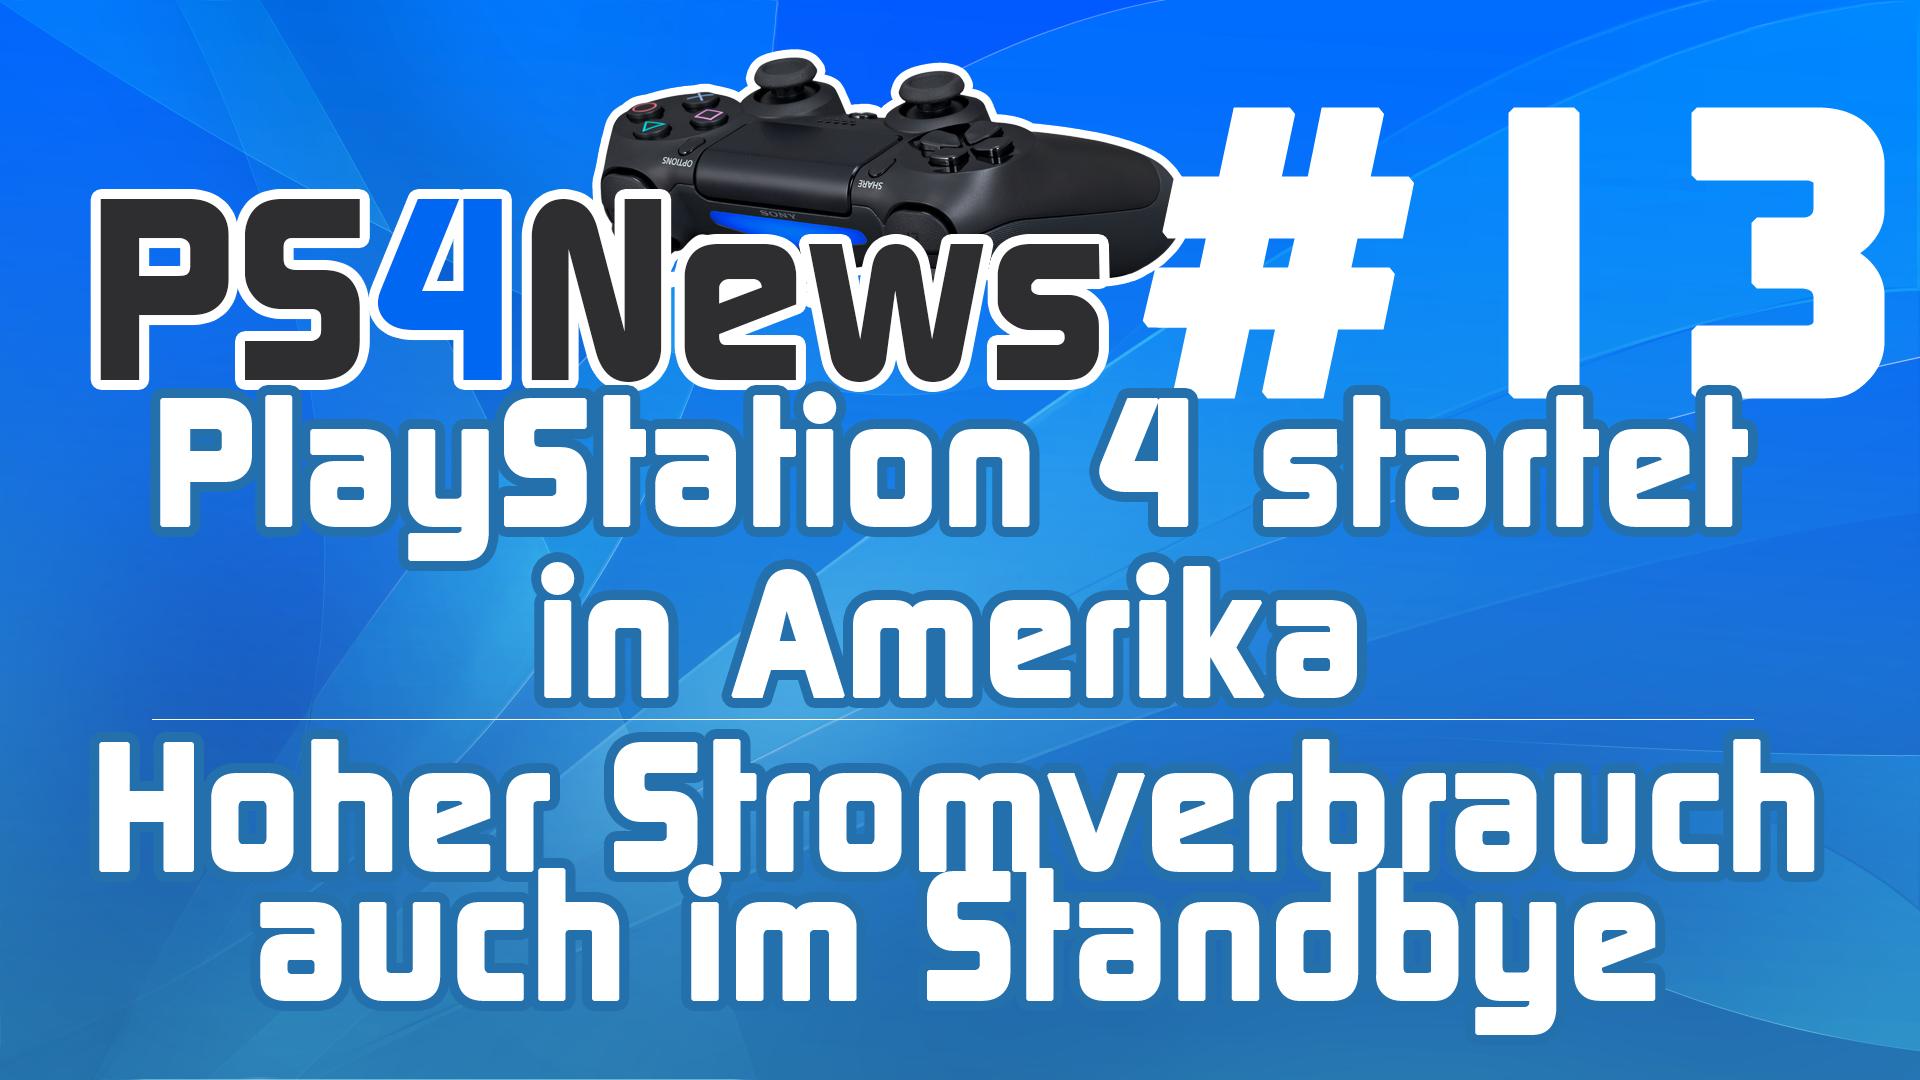 PS4News #13 Die News des Tages zusammengefasst